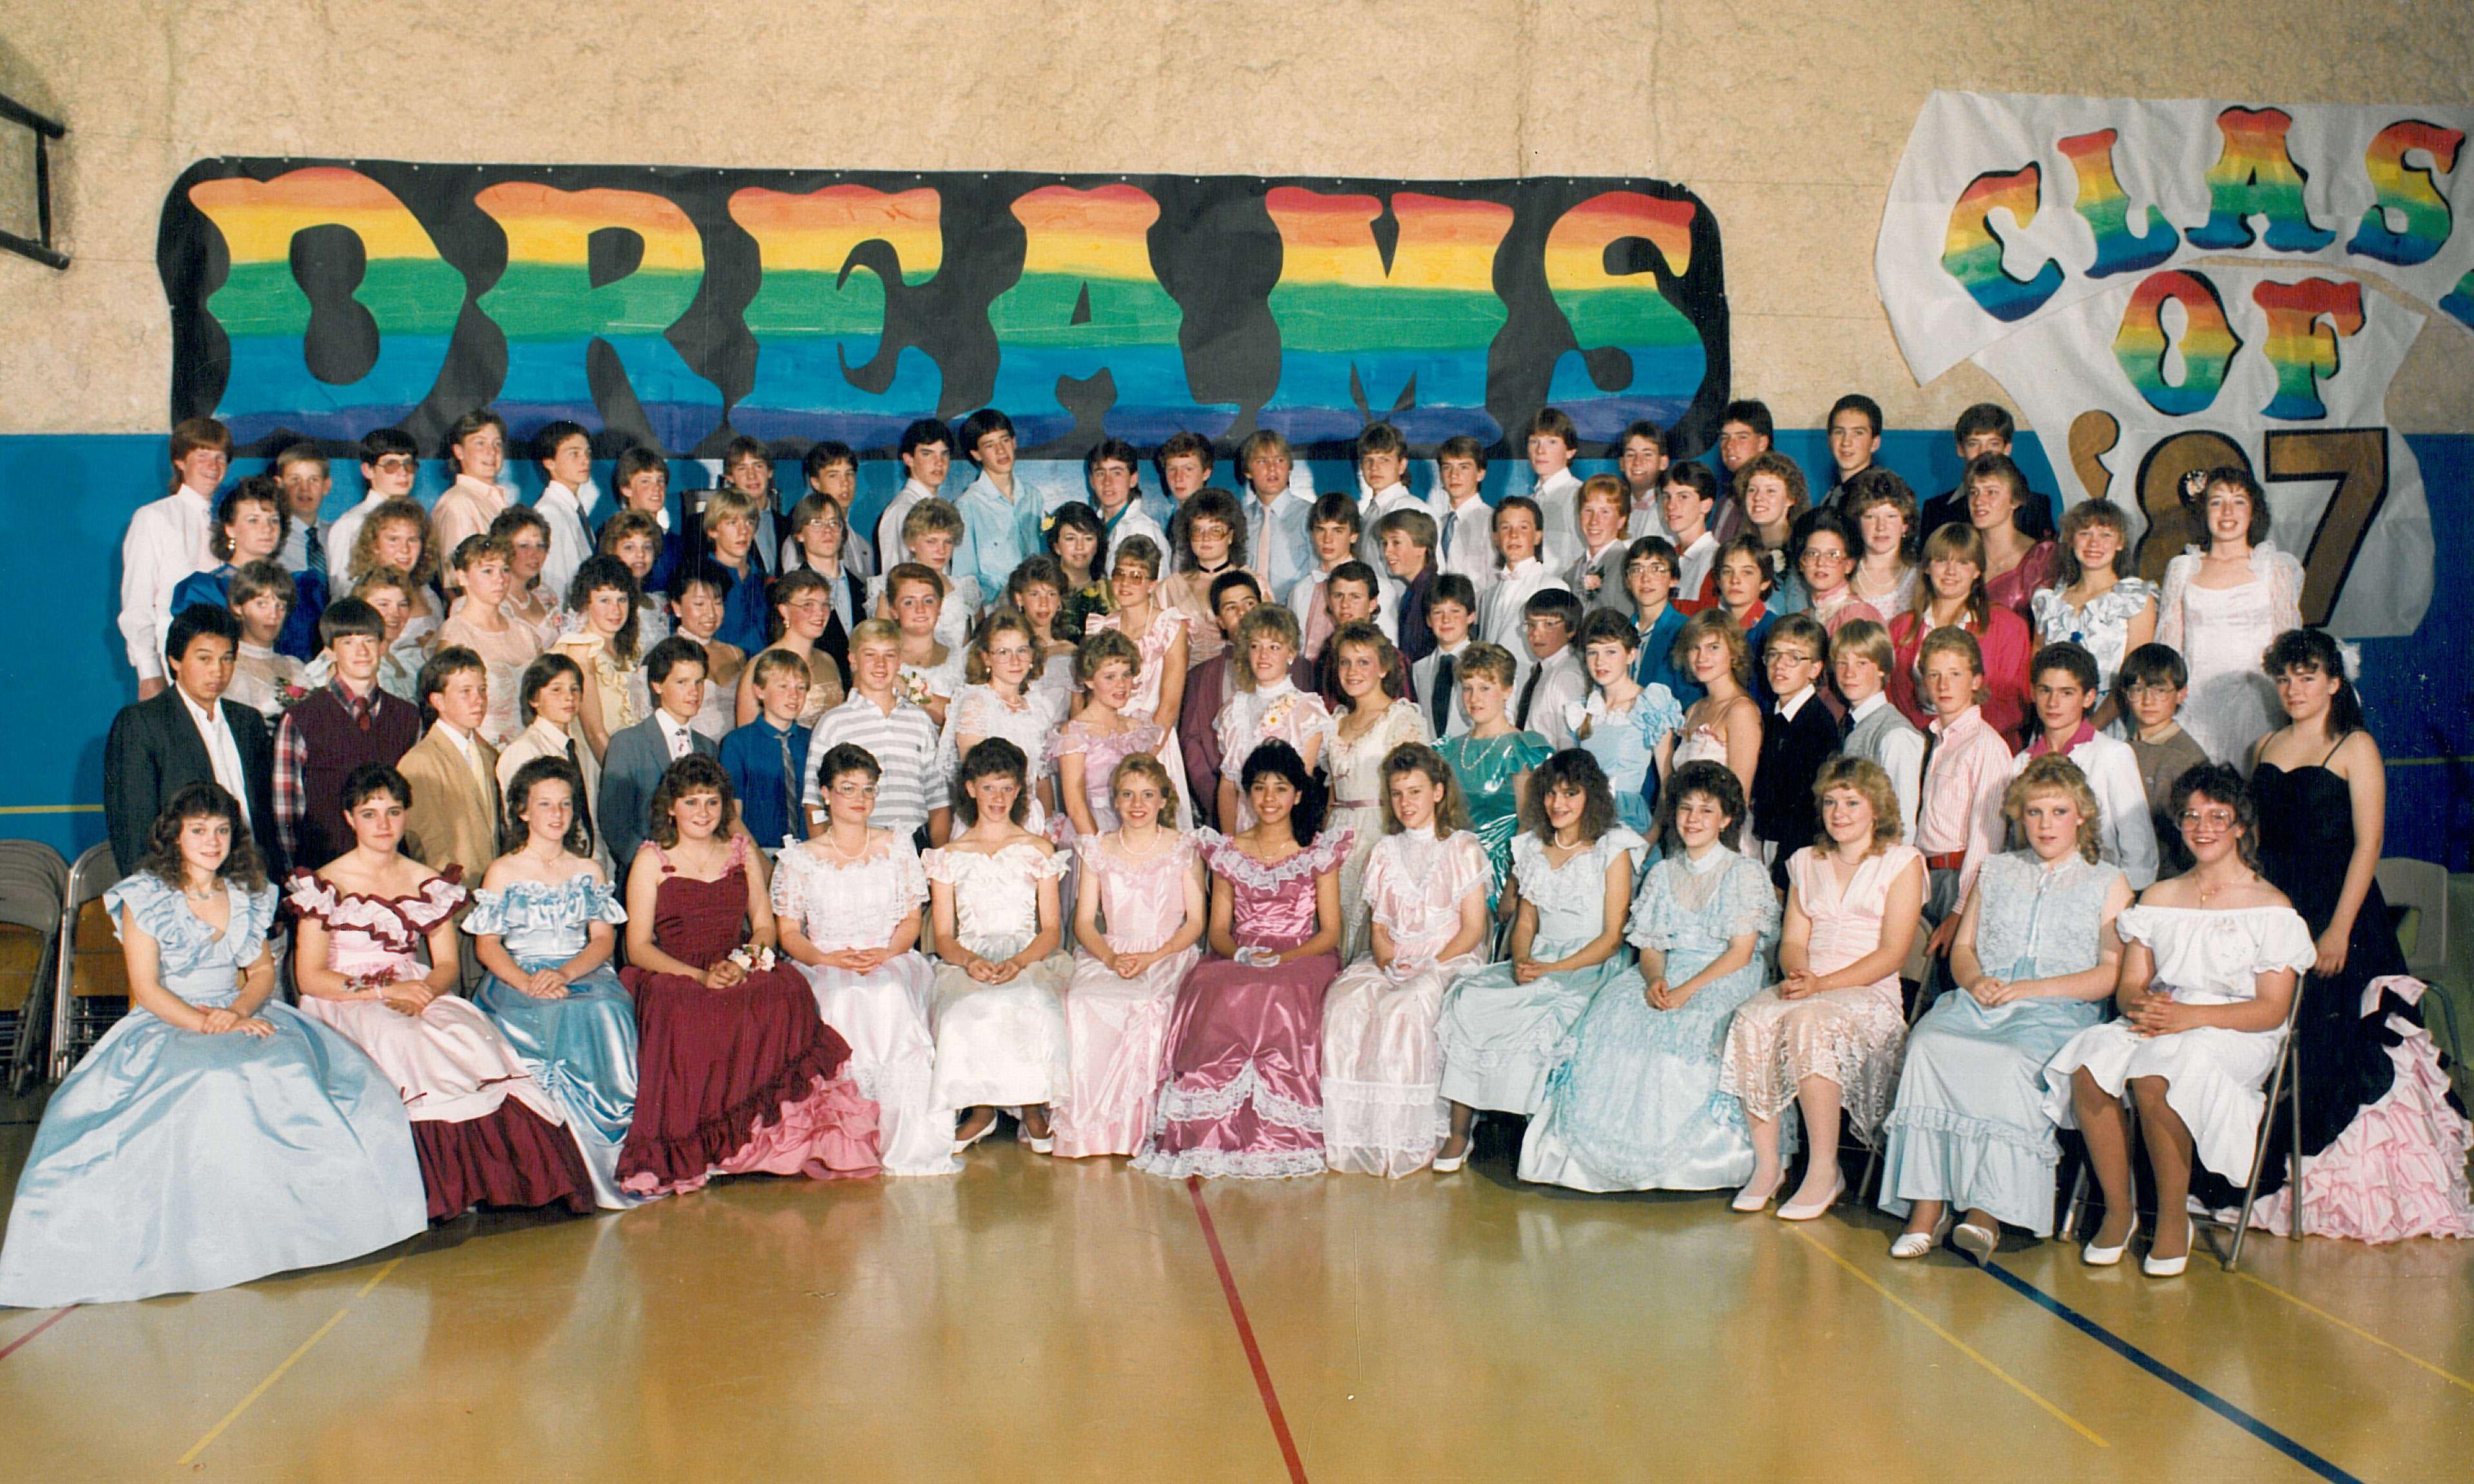 EH Graduated Classes Photos  8th Grade Graduation Class Photos